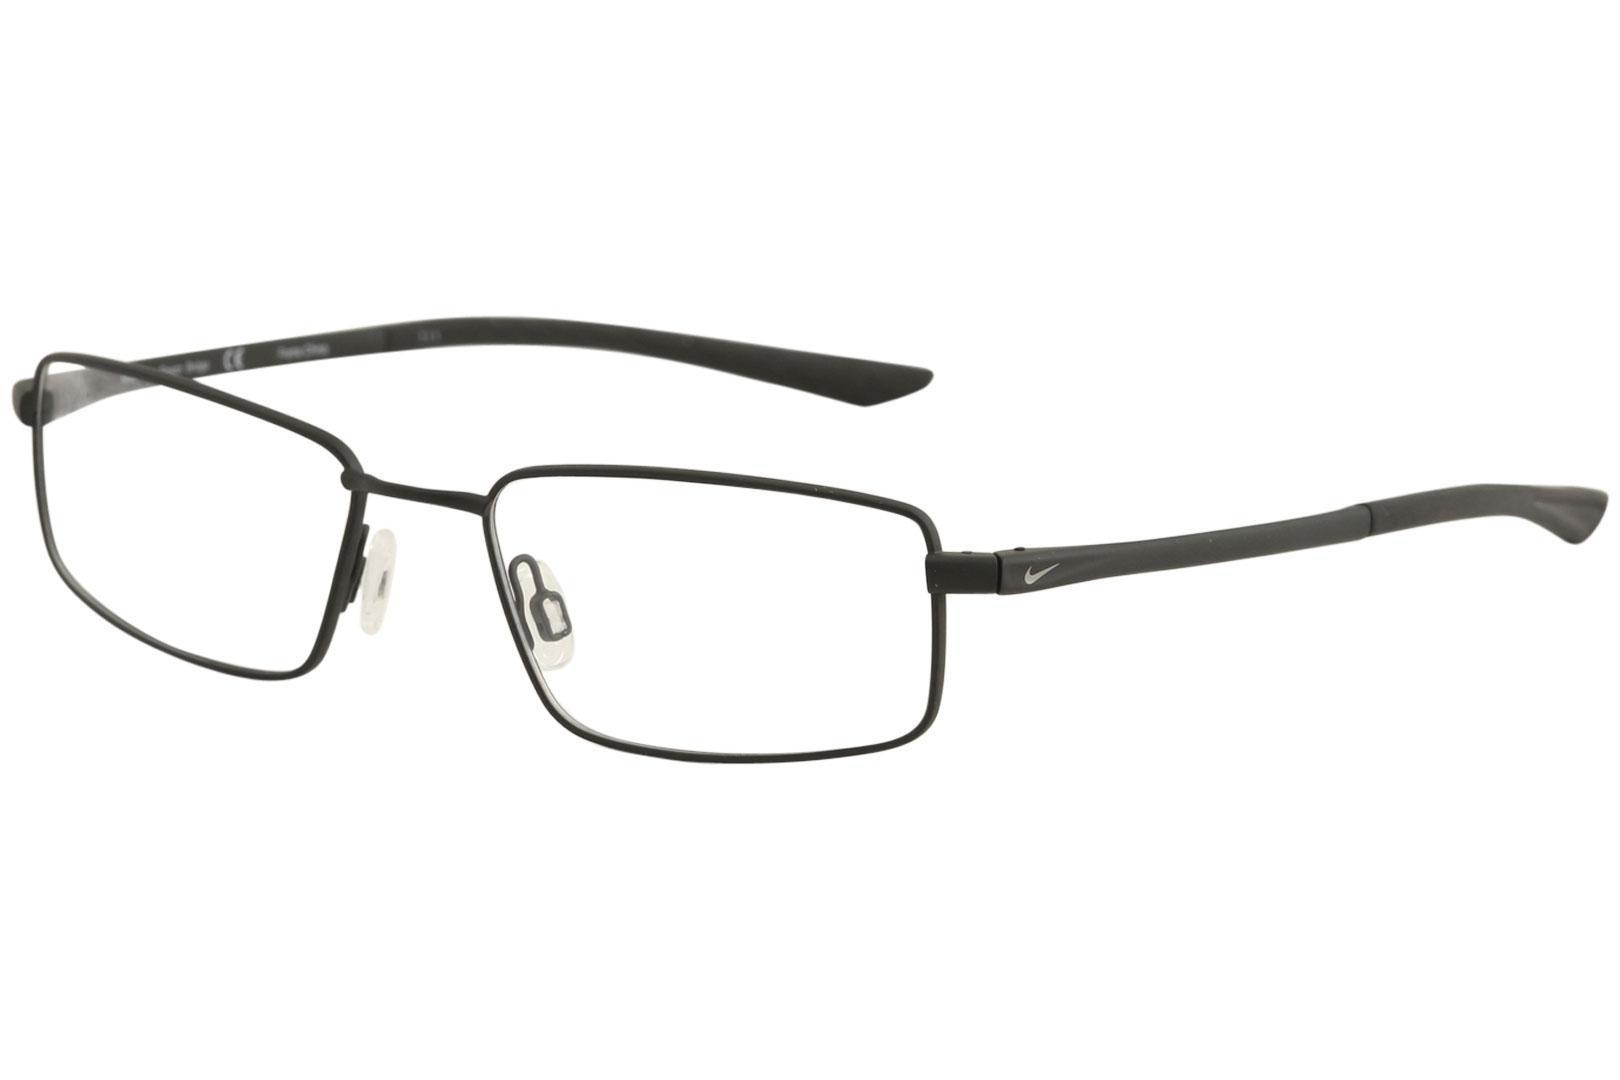 0769d008aca4 Nike Men's Flexon Eyeglasses 4282 Full Rim Optical Frame